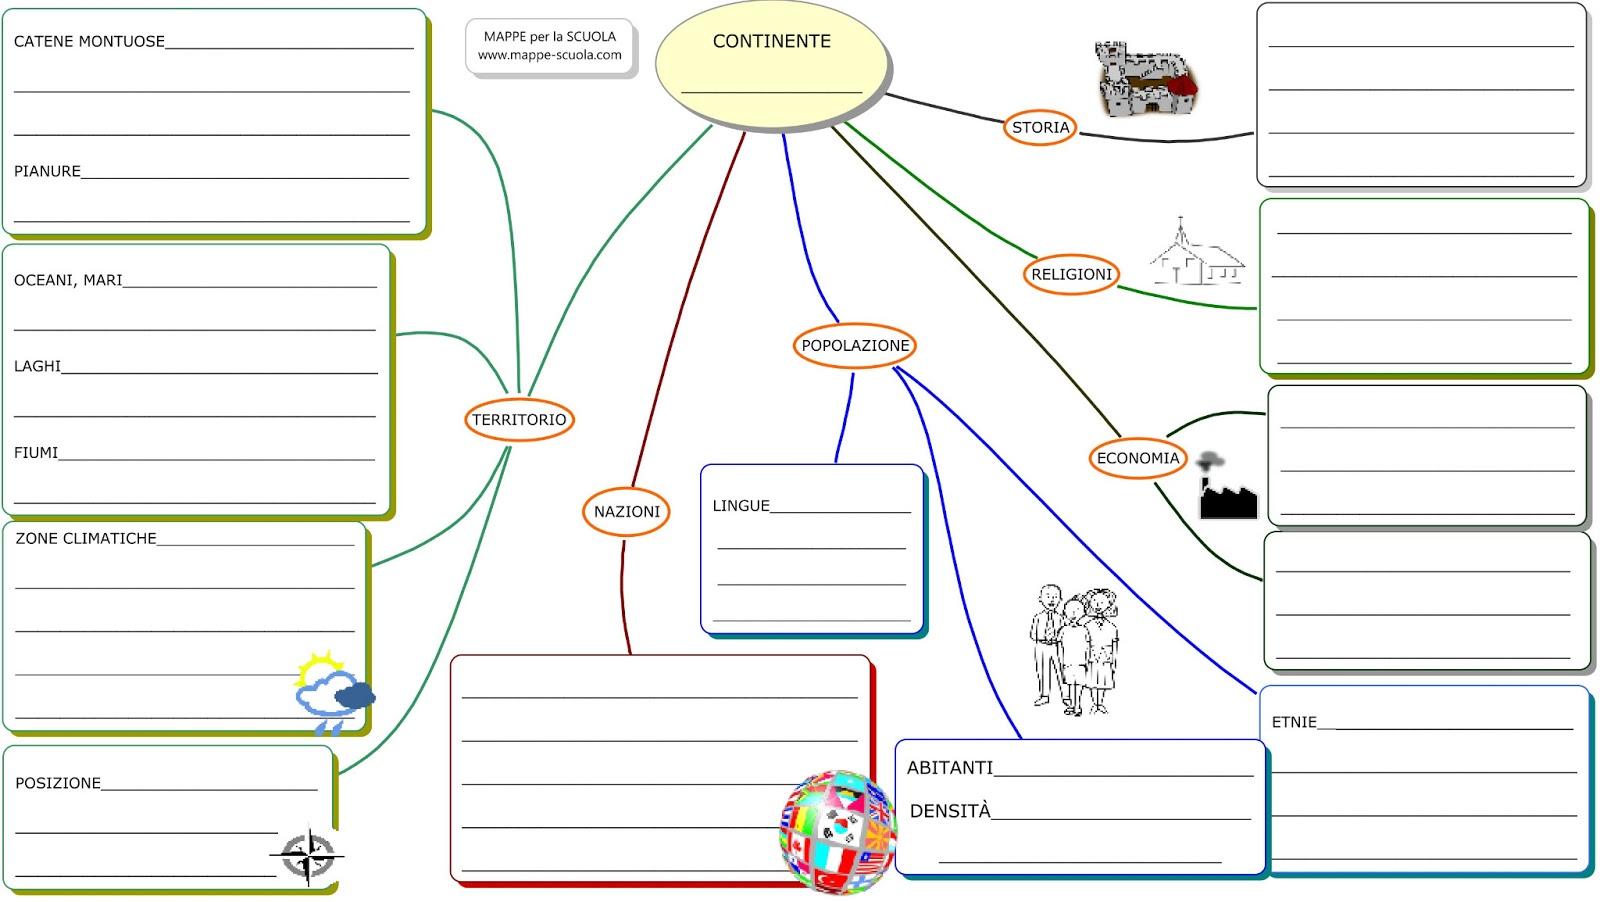 Eccezionale MAPPE per la SCUOLA: I CONTINENTI - descrizione XT44